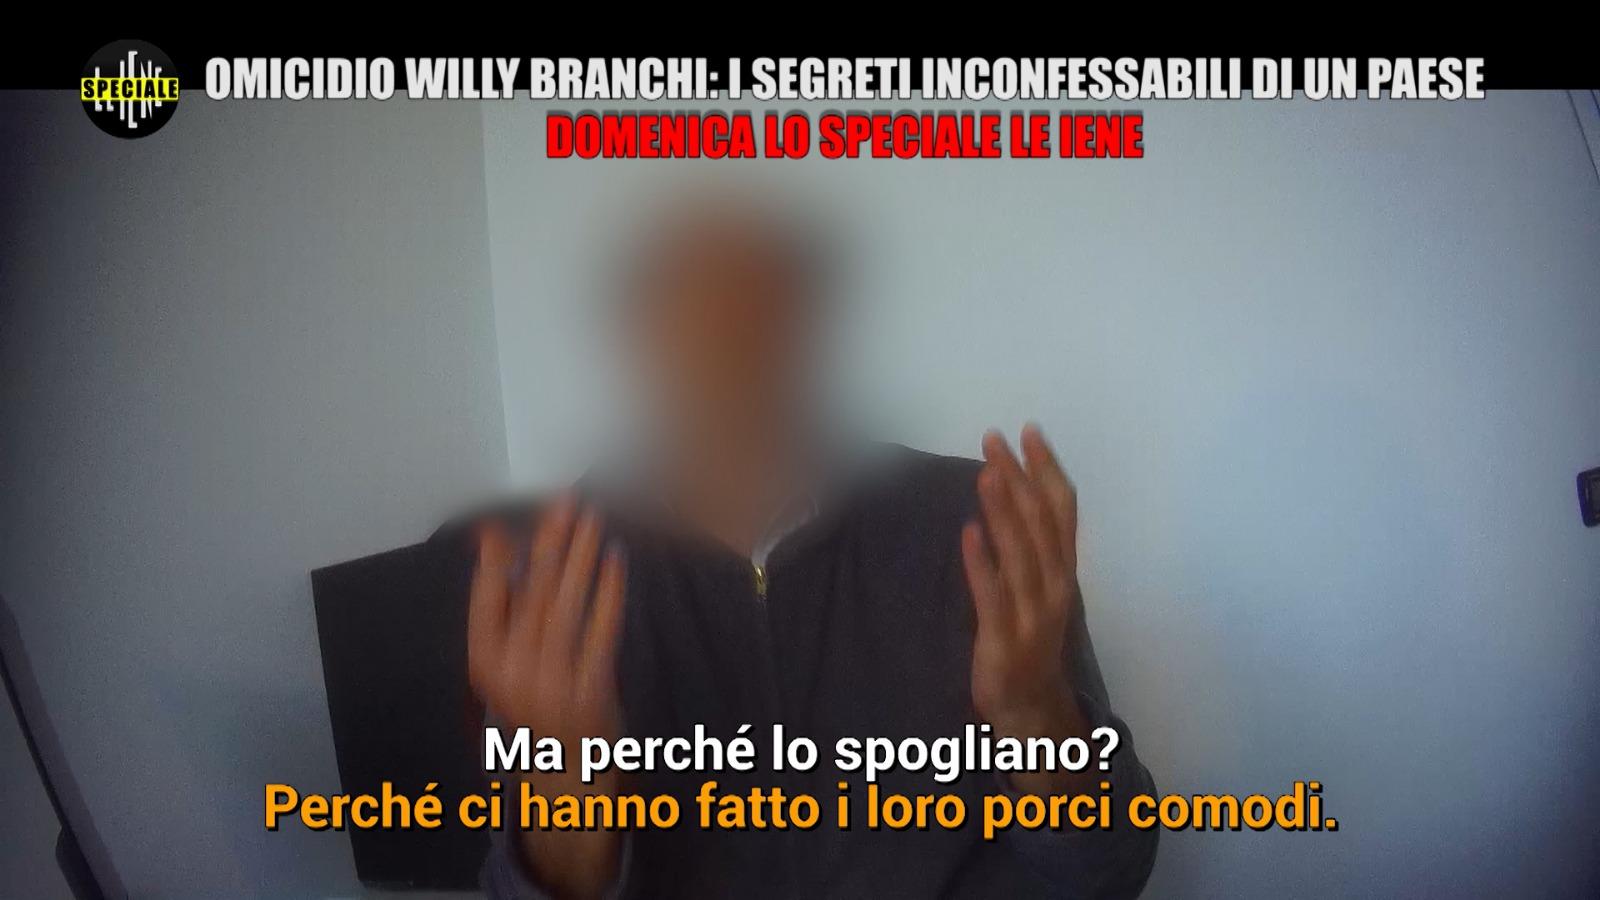 Le Iene, nuova testimonianza sull'omicidio di Willy Branchi: fu ucciso in una stalla di Goro?